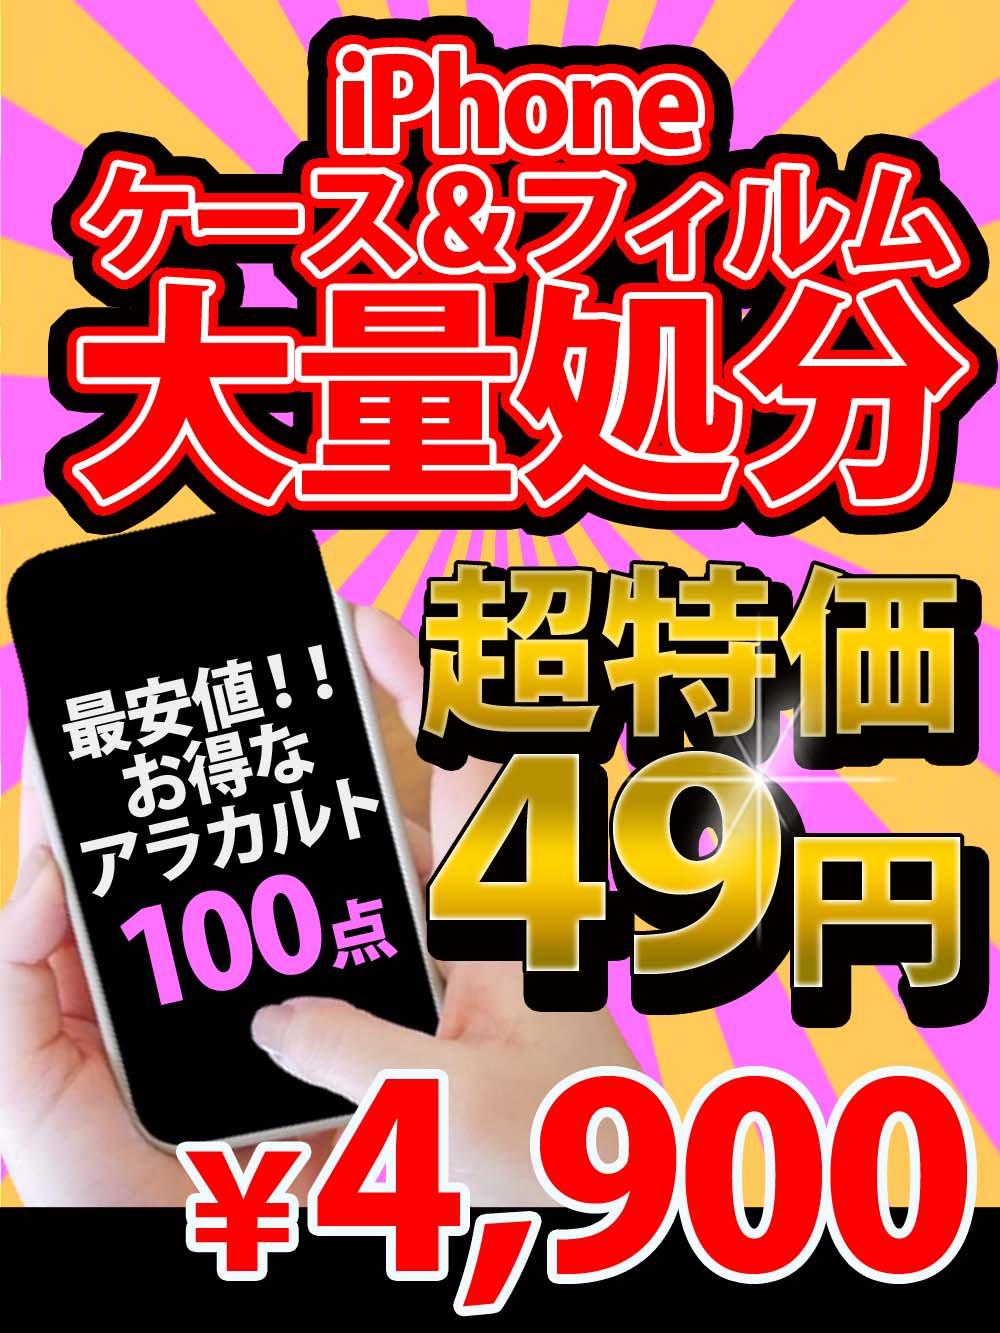 【爆安49円】上代90%OFF以上!スマホケース&フィルムアソート iPad/iPhone/Xperia/GALAXY/…多種対応【100点】@49